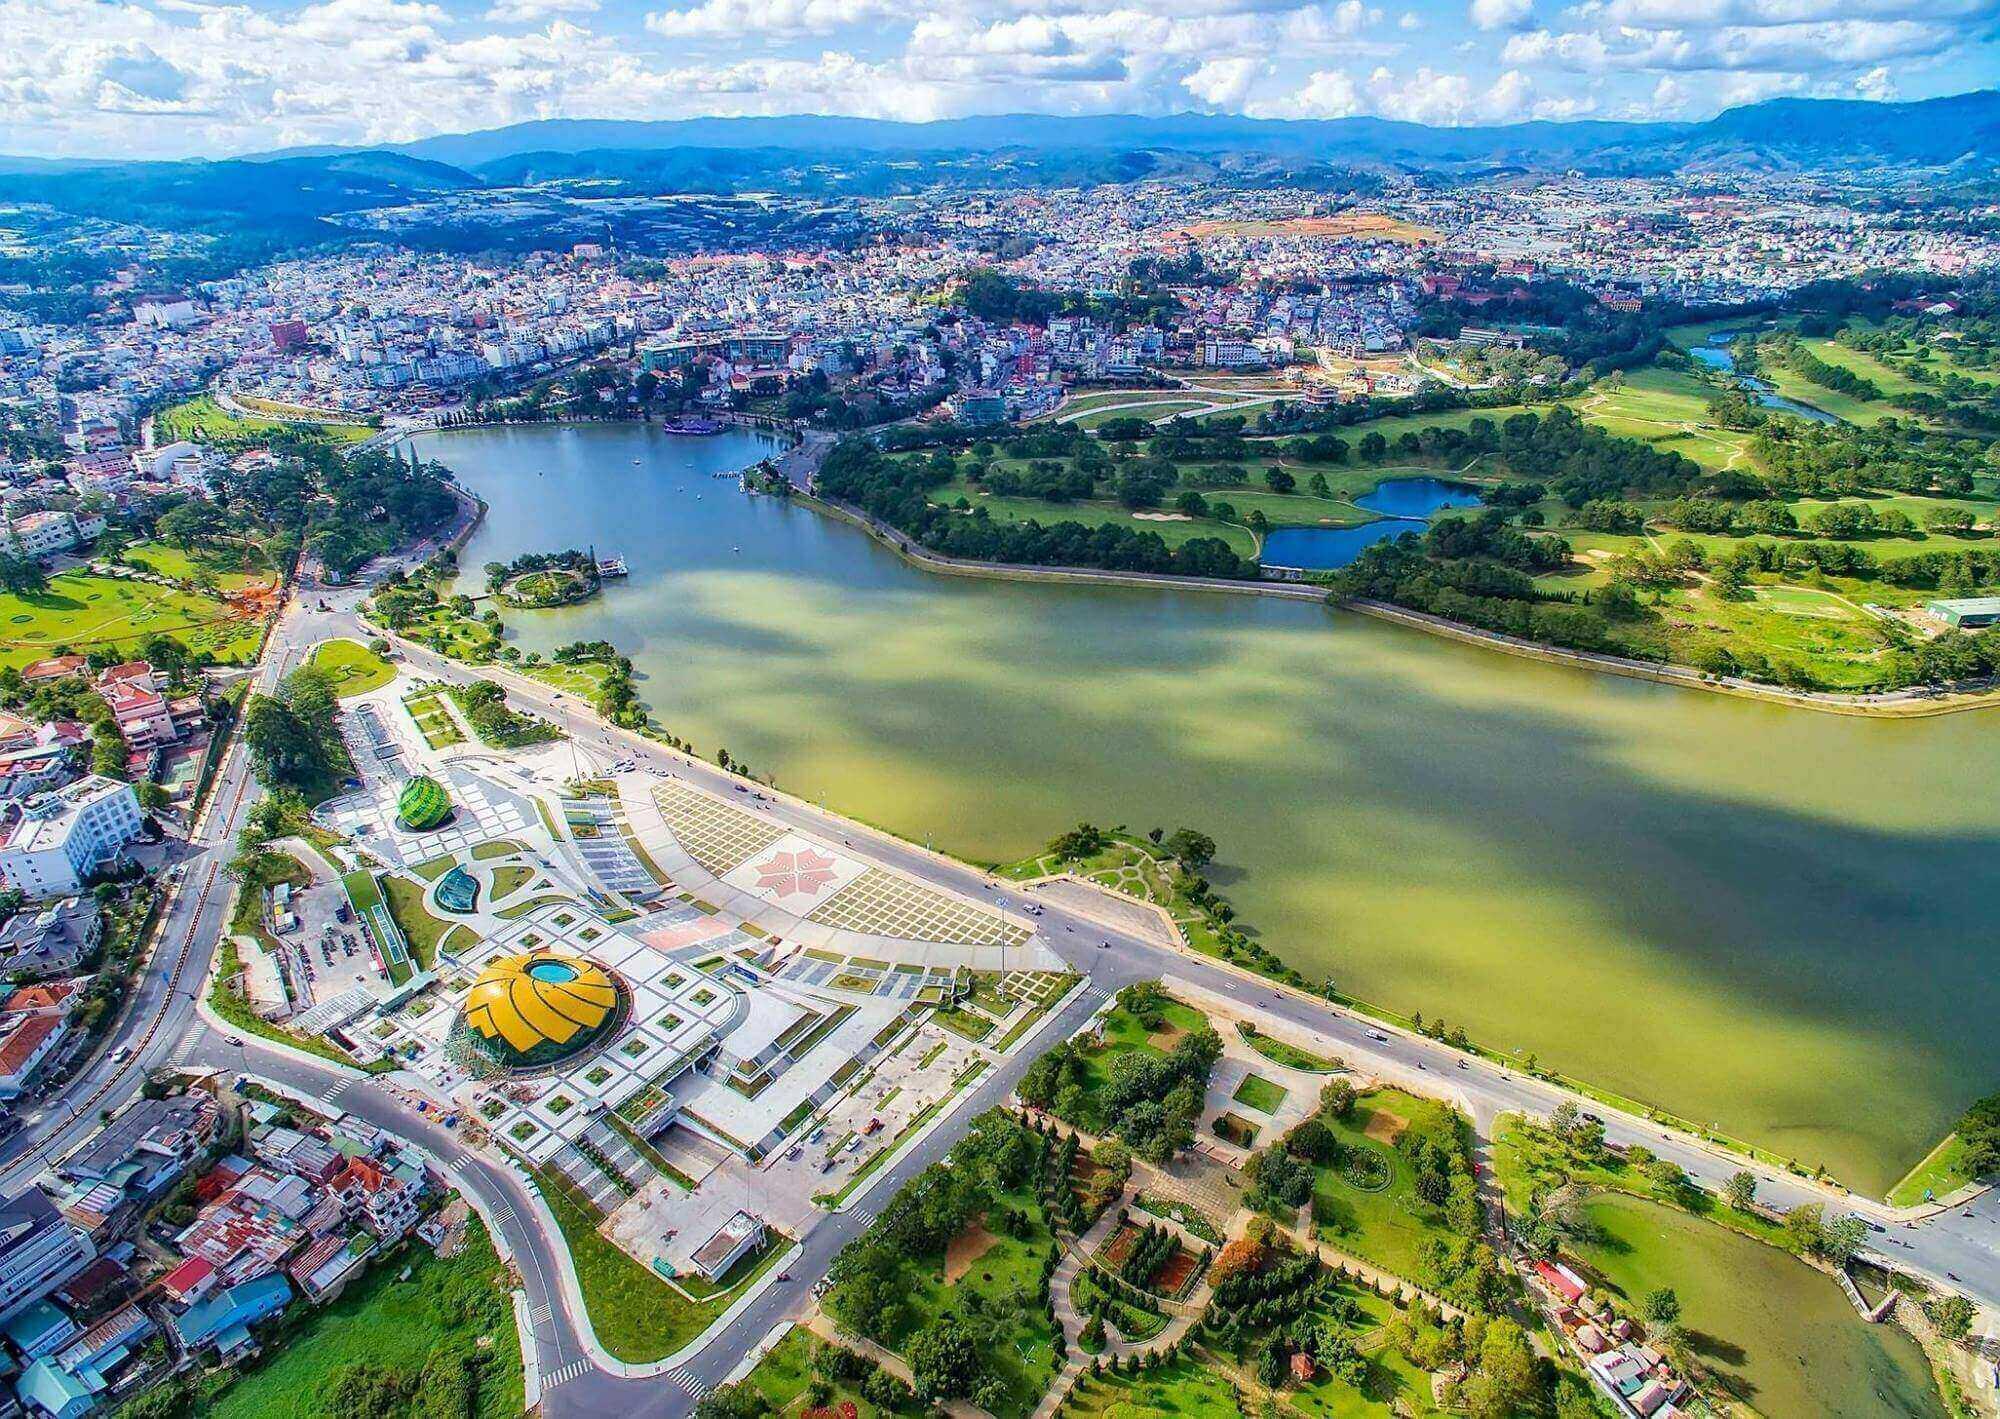 Lâm Đồng thành 'sân chơi' mới của doanh nghiệp địa ốc?